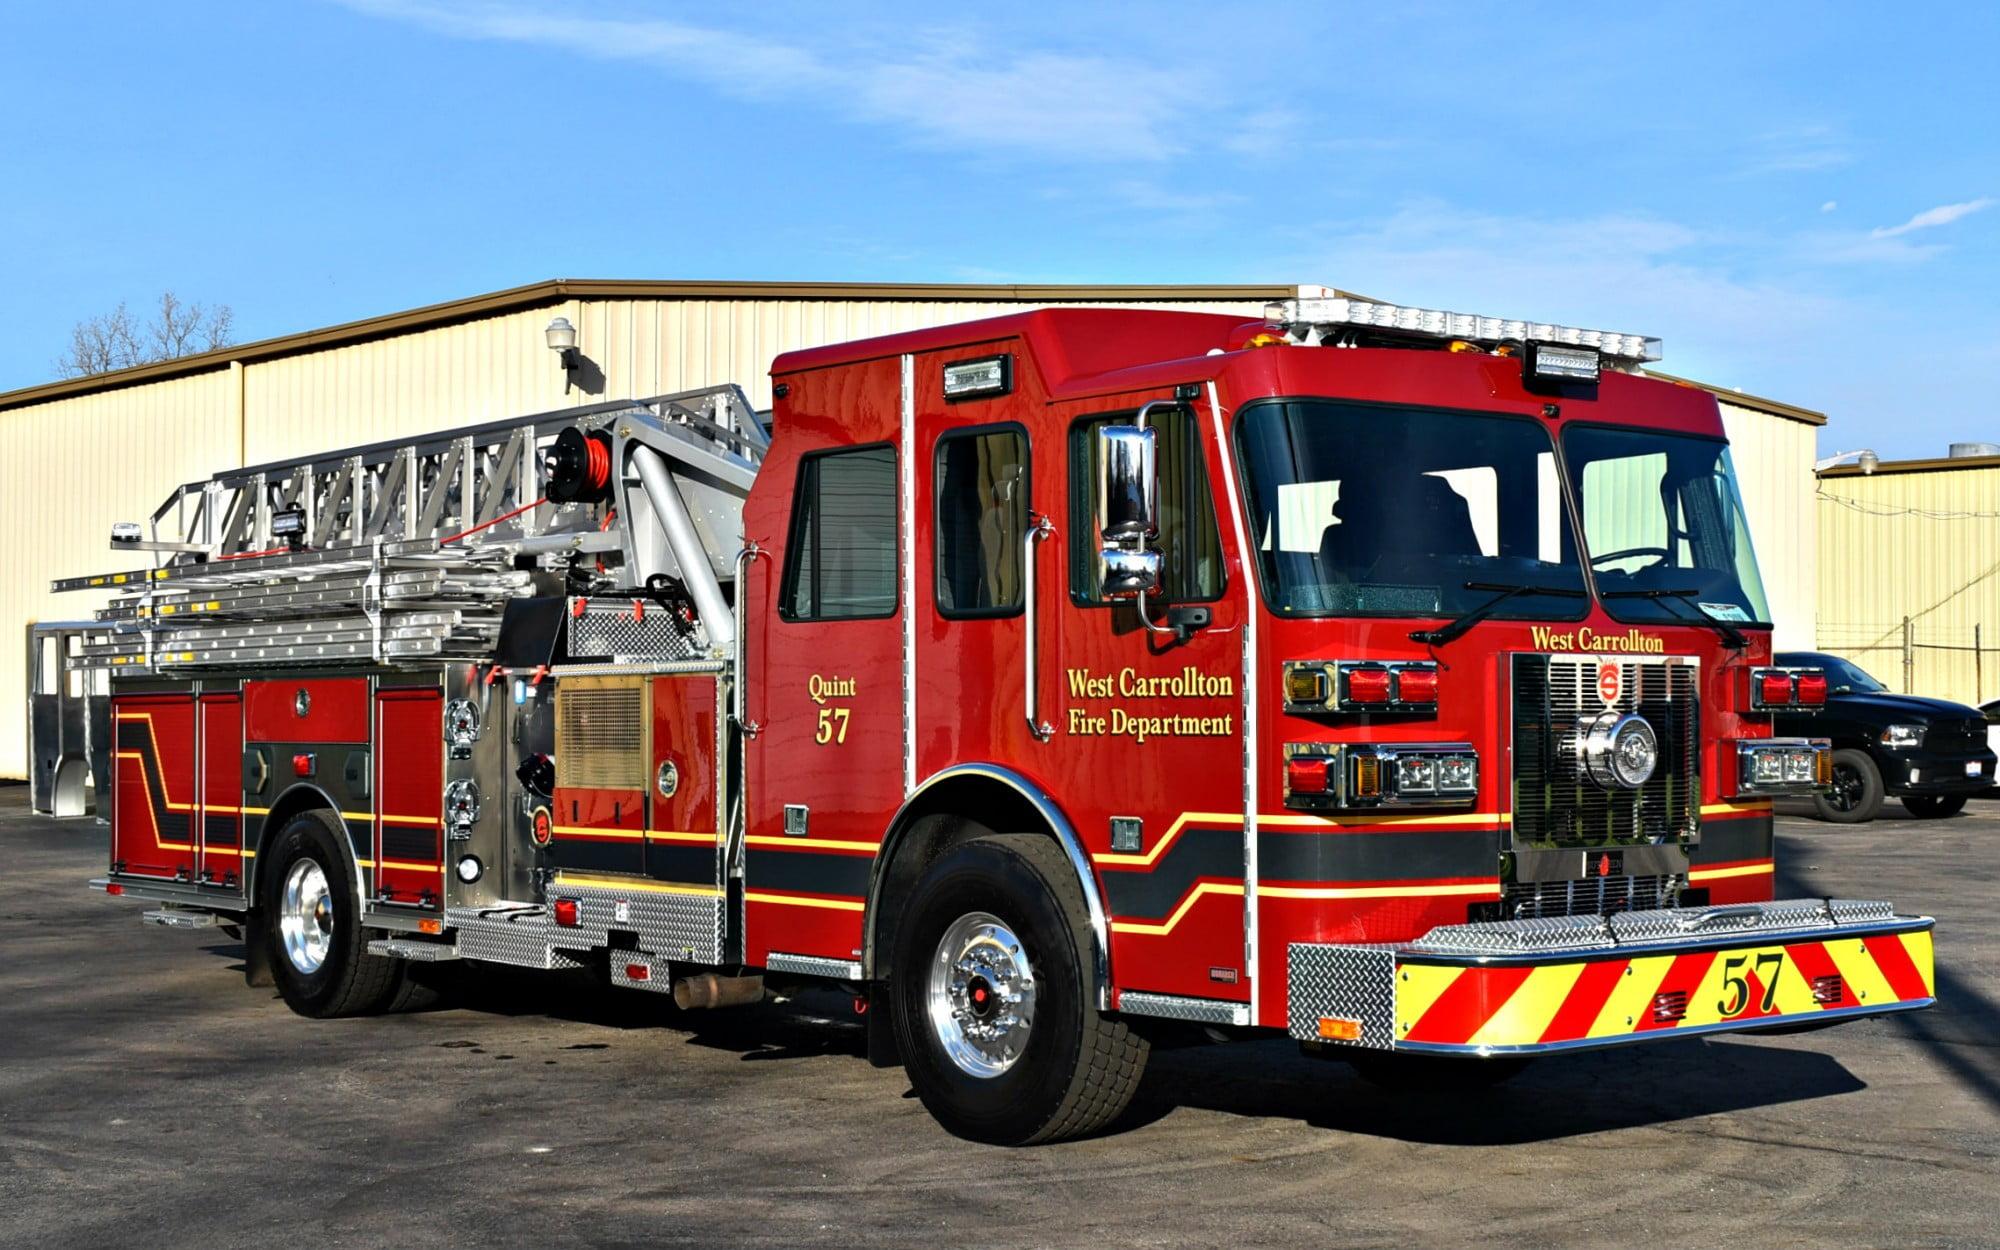 West Carrollton Fire Department